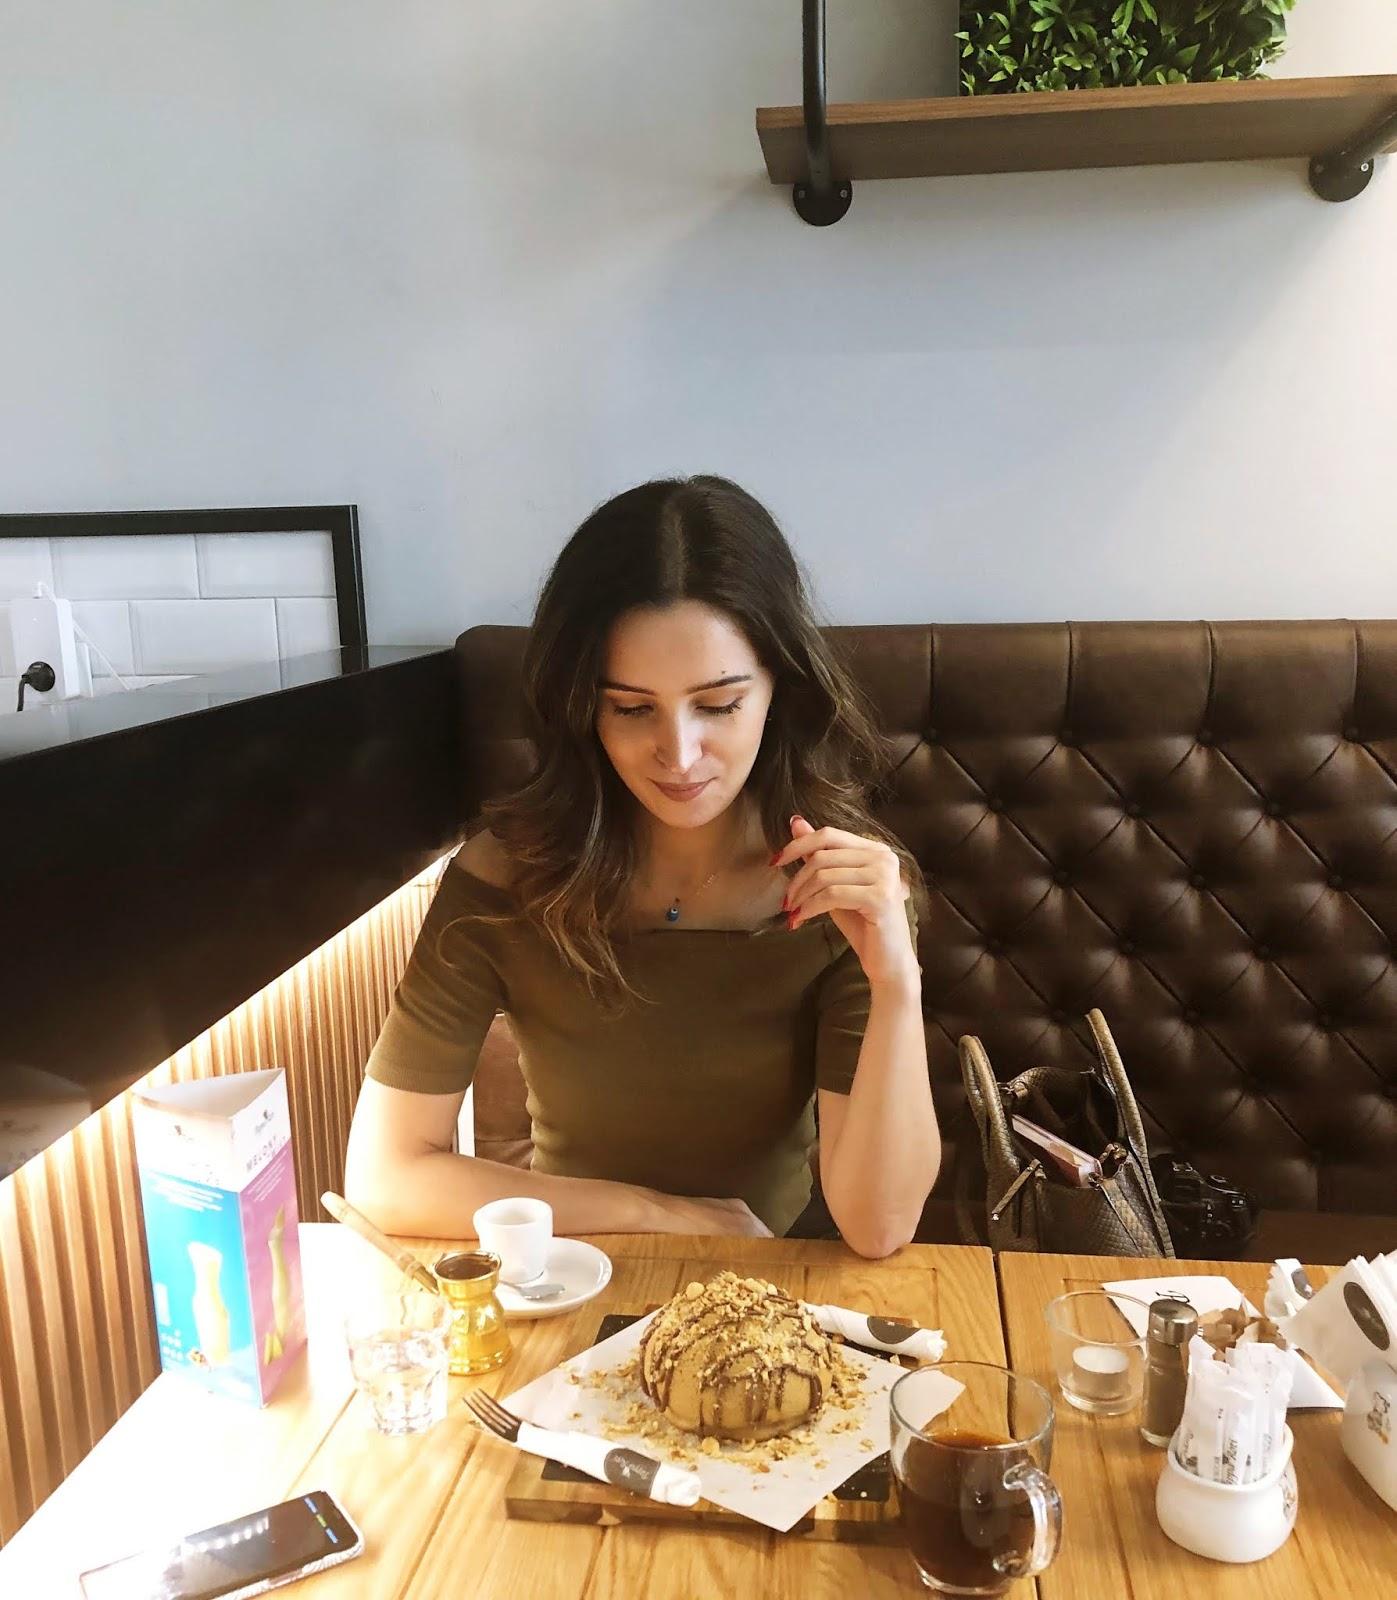 Leckerer-Bun-mit-Nutella-und-Haselnüsse-Café